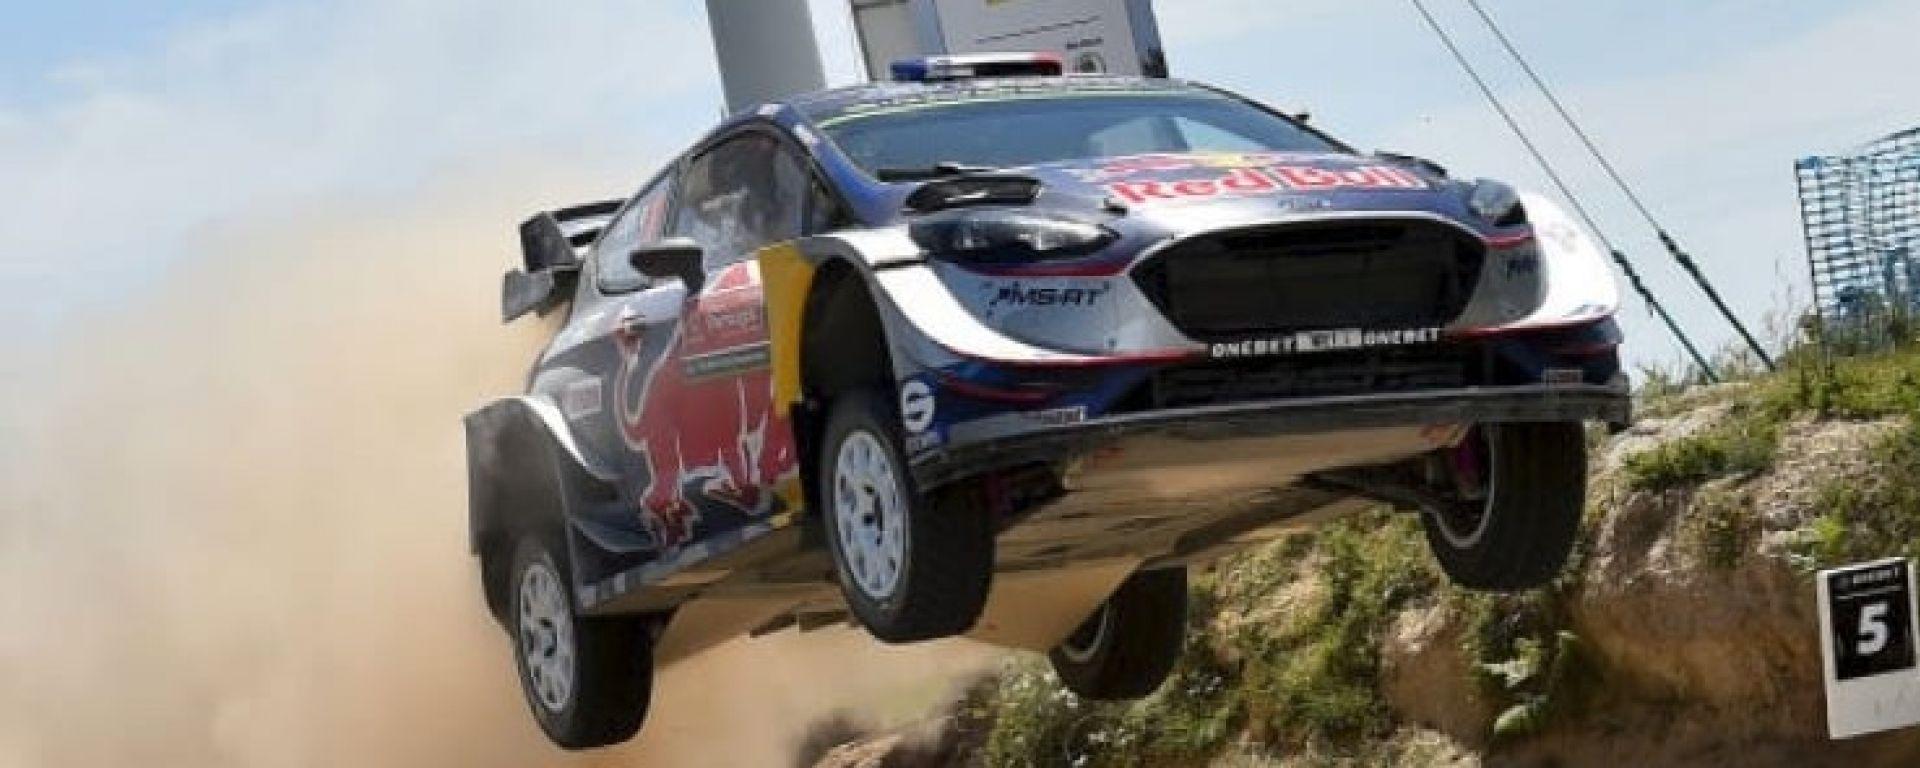 WRC 2018: ecco come vedere in TV il Rally d'Italia Sardegna